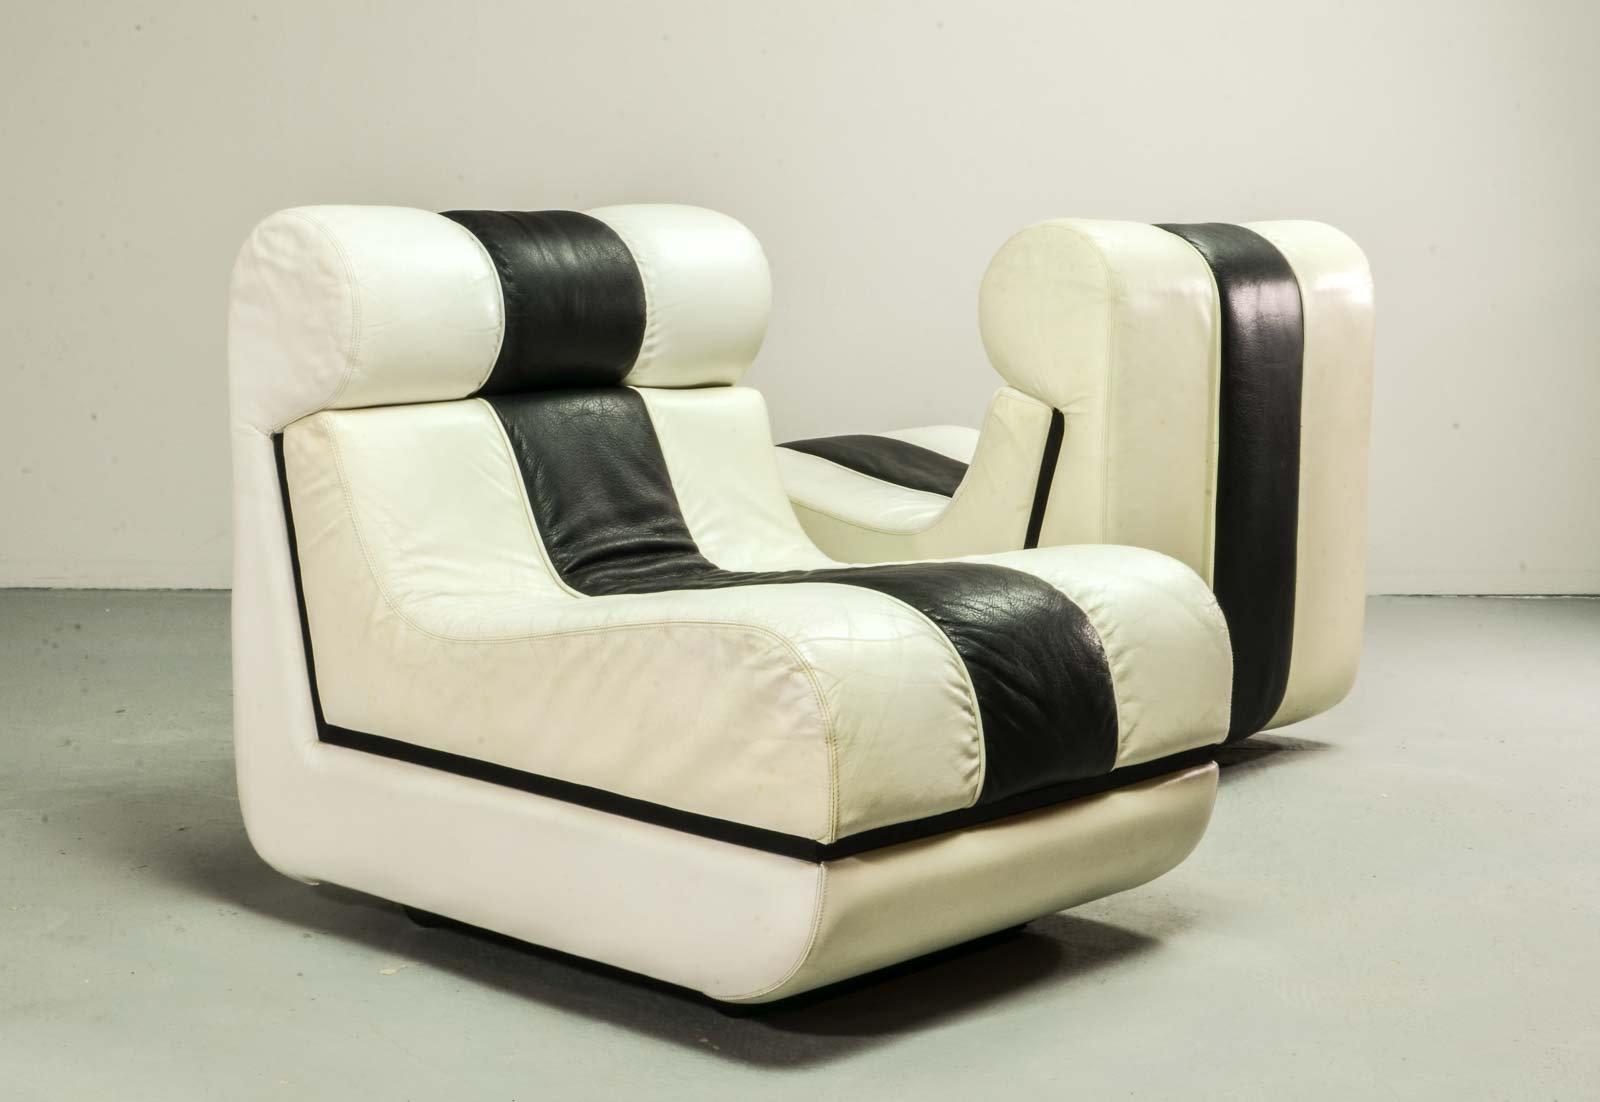 italienische mid century leder sessel in schwarz wei 1970er 2er set bei pamono kaufen. Black Bedroom Furniture Sets. Home Design Ideas